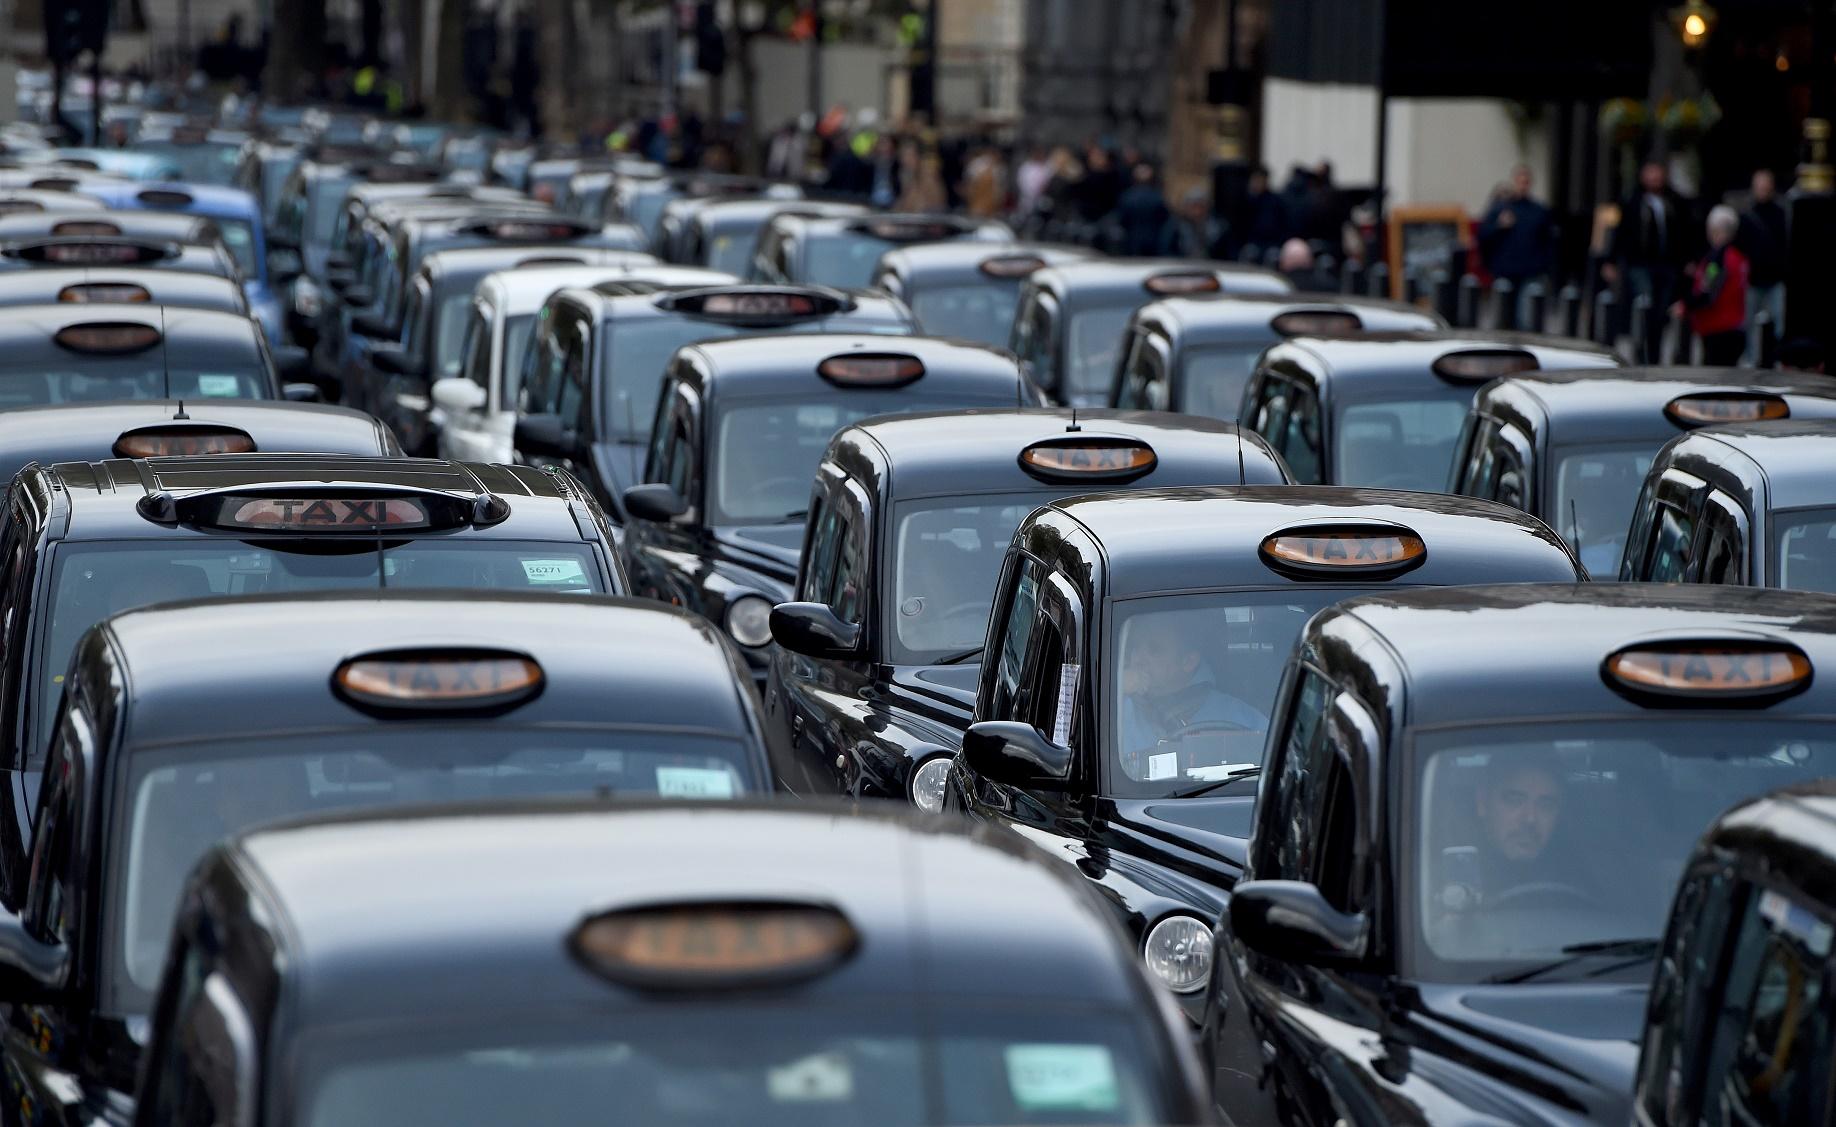 Apesar de serem parte do problema, motoristas dos tradicionais black cabs protestam contra a poluição do ar. Foto de Kate Green /Anadolu Agency